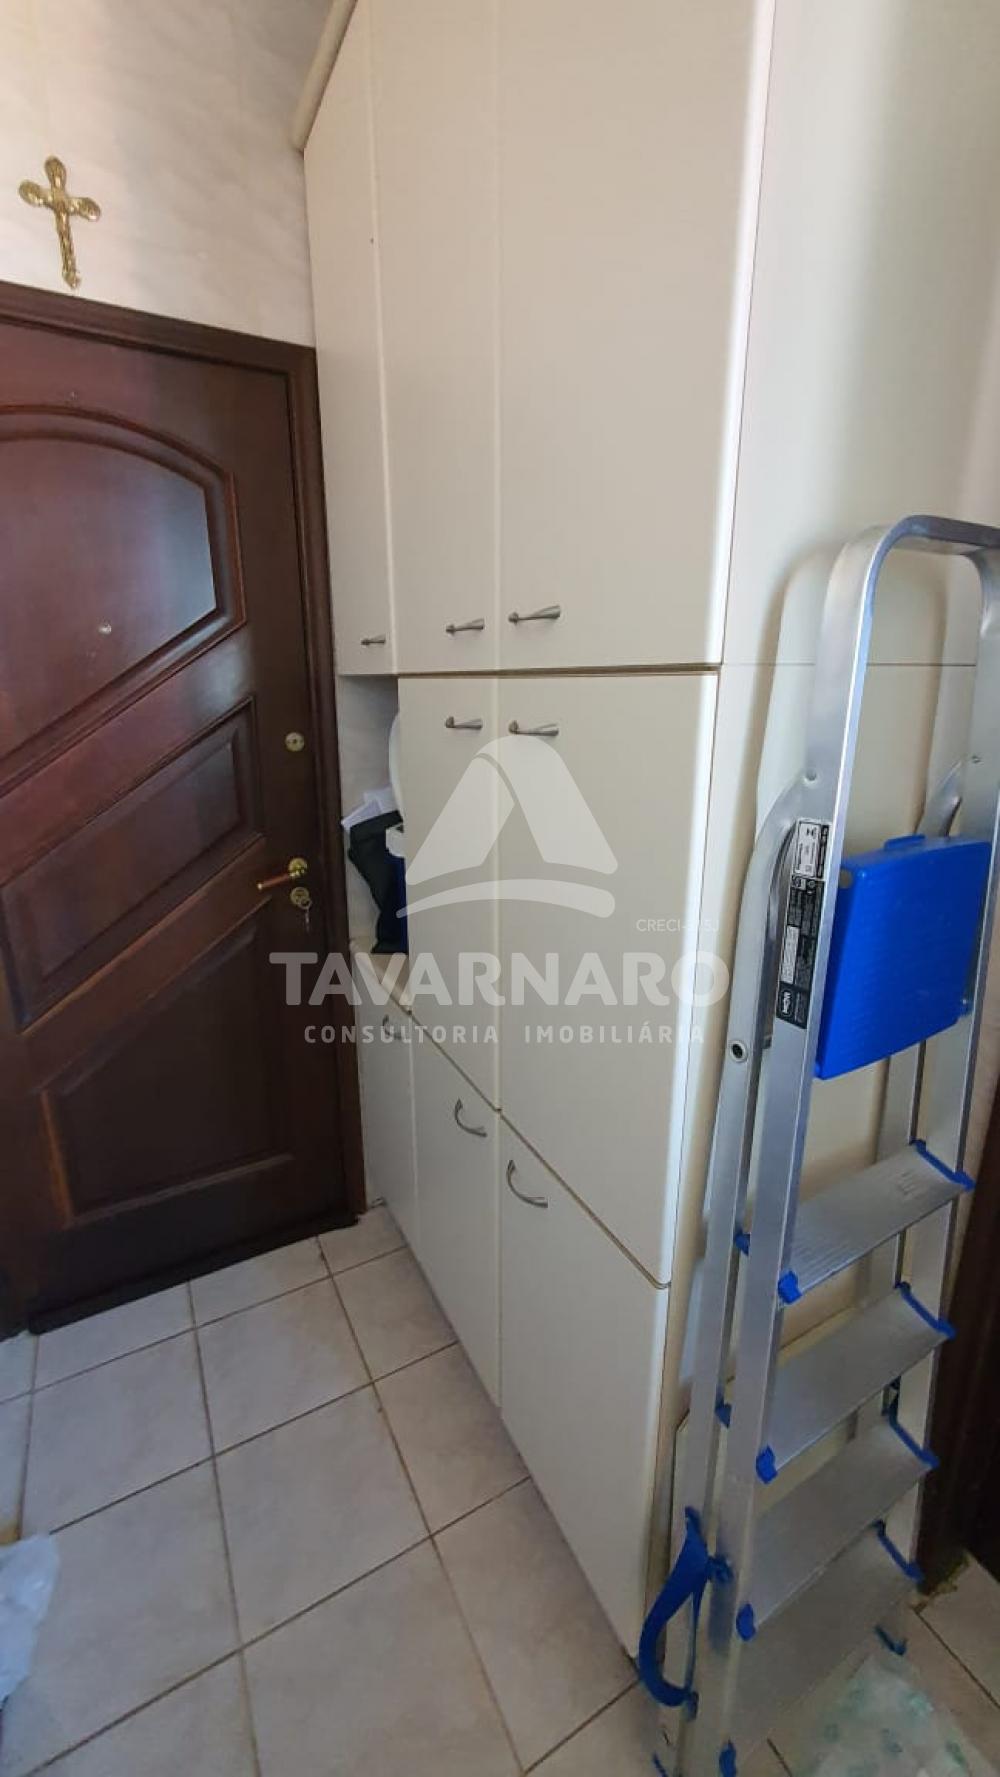 Comprar Apartamento / Padrão em Ponta Grossa R$ 400.000,00 - Foto 8